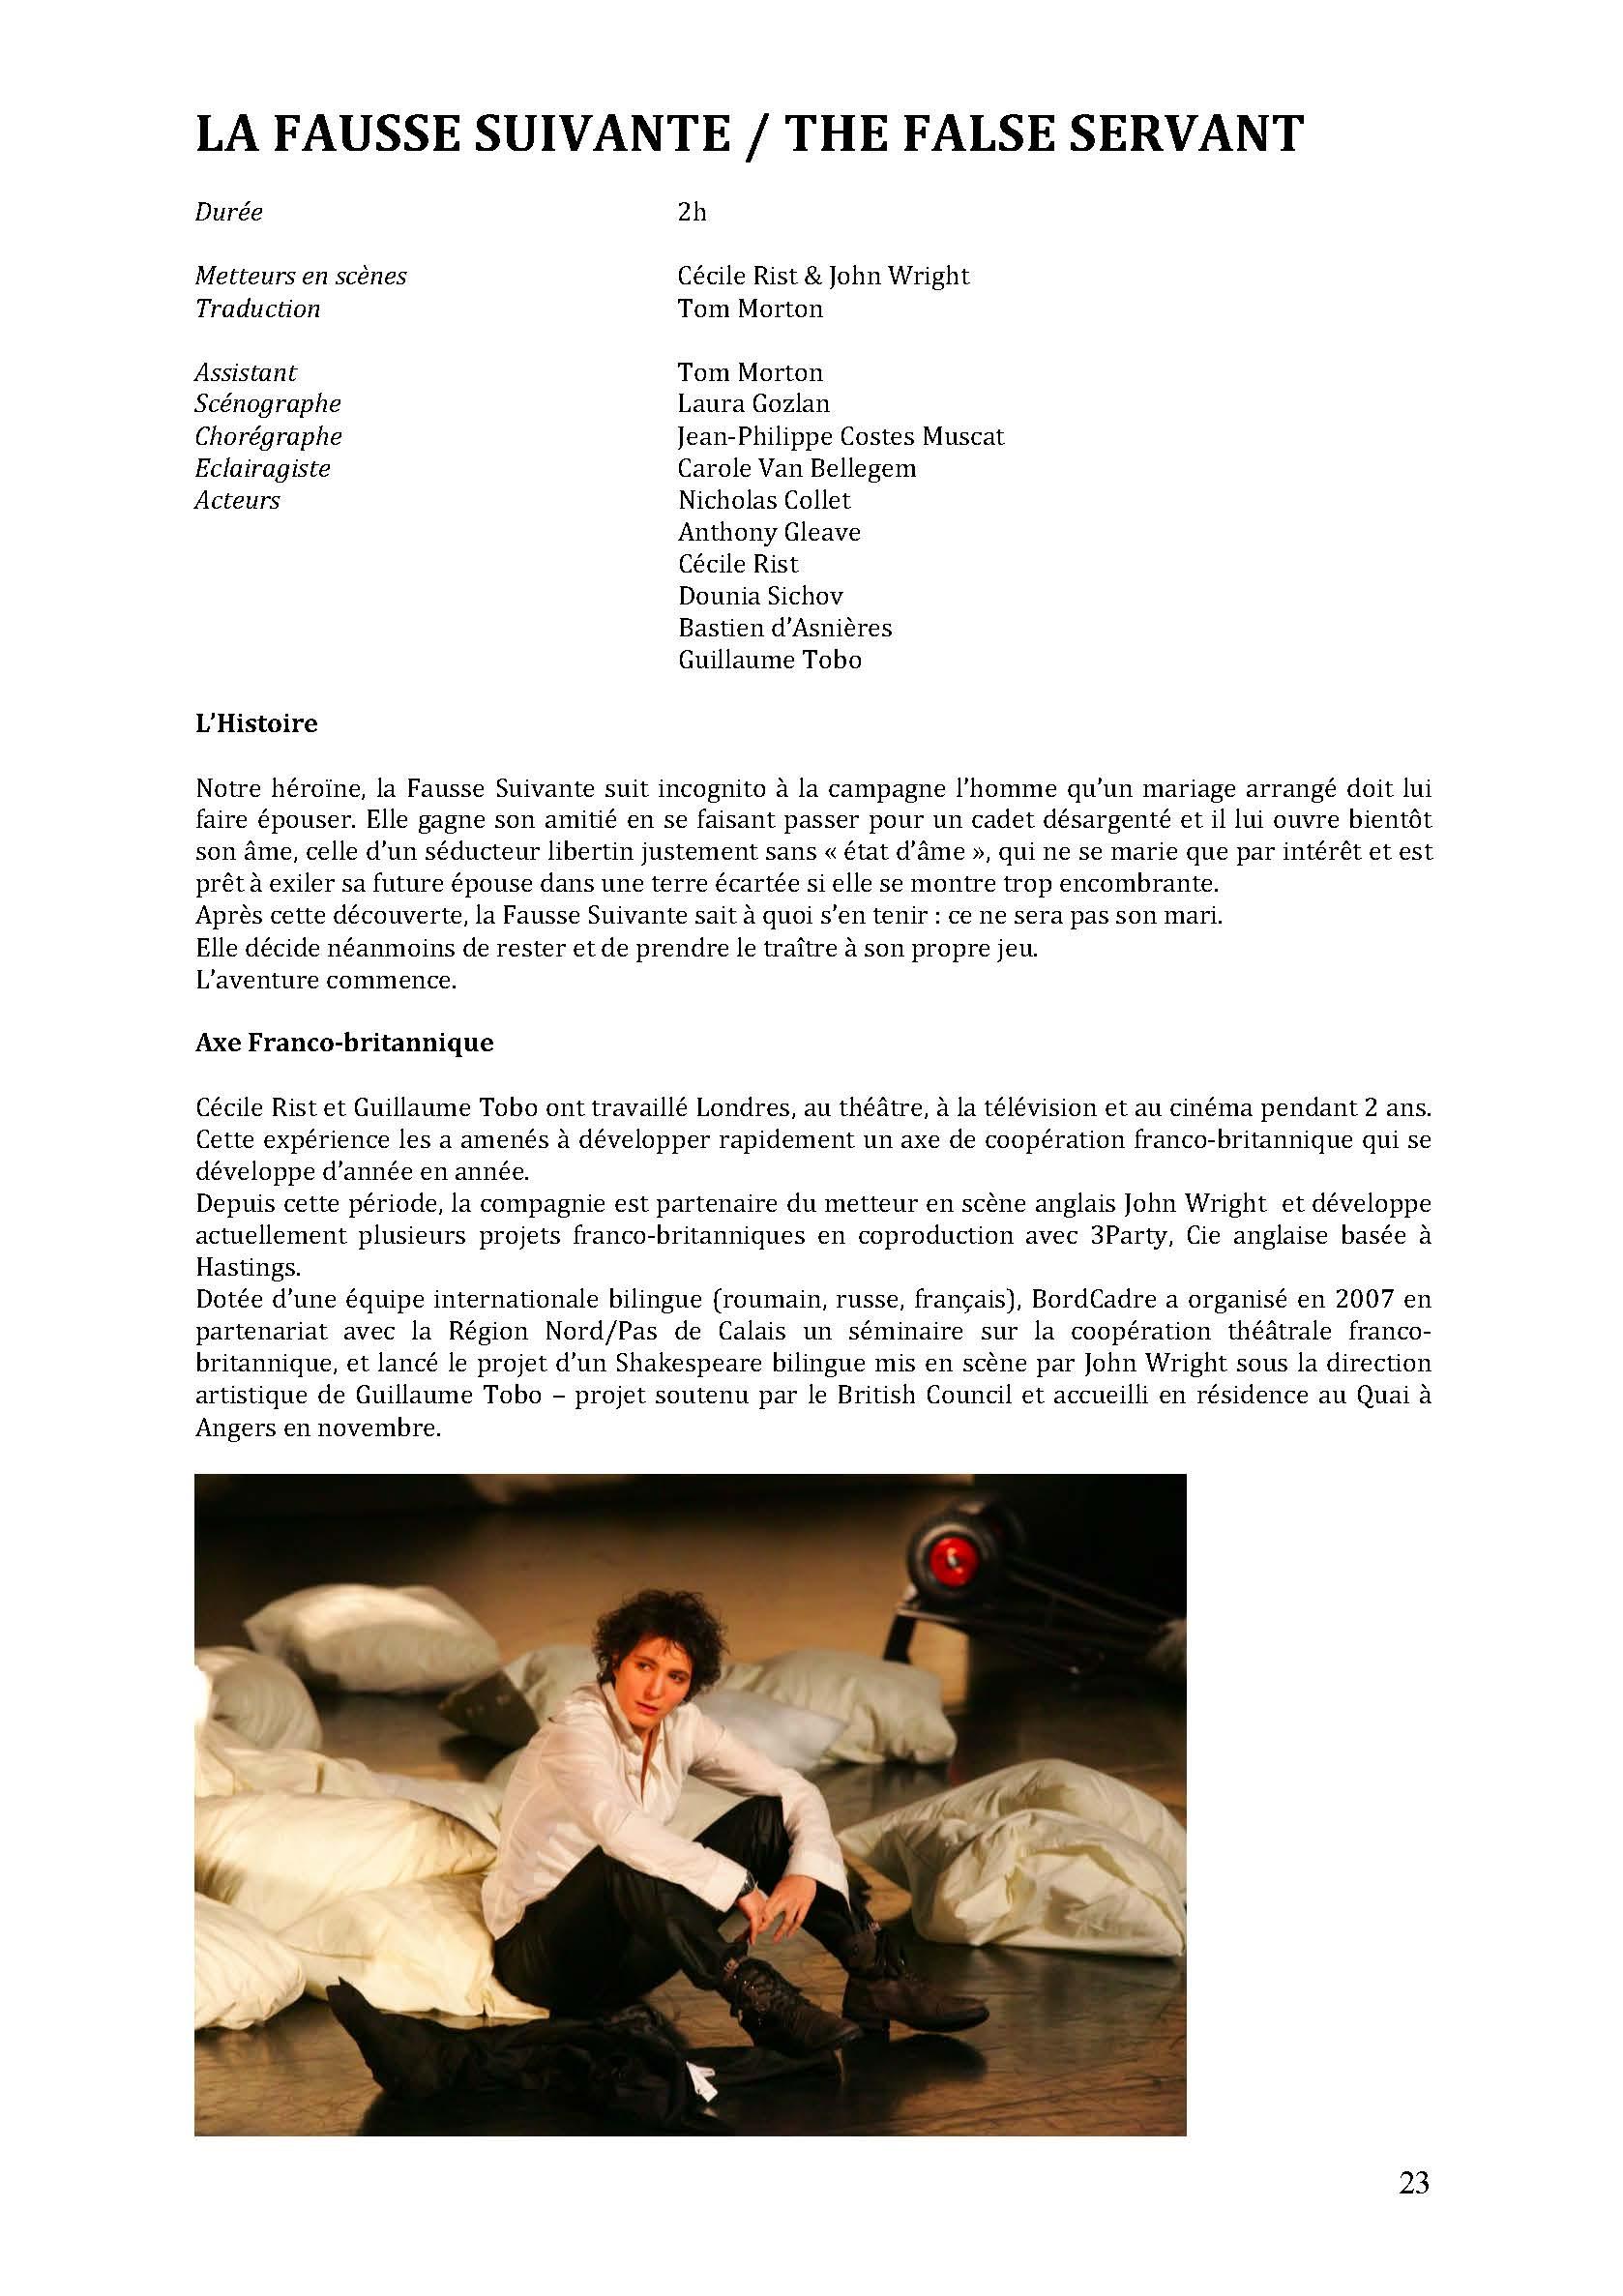 LA NUIT JUSTE AVANT LES FORÊTS - Revue de presse de BordCadre & Cécile Rist_Page_19